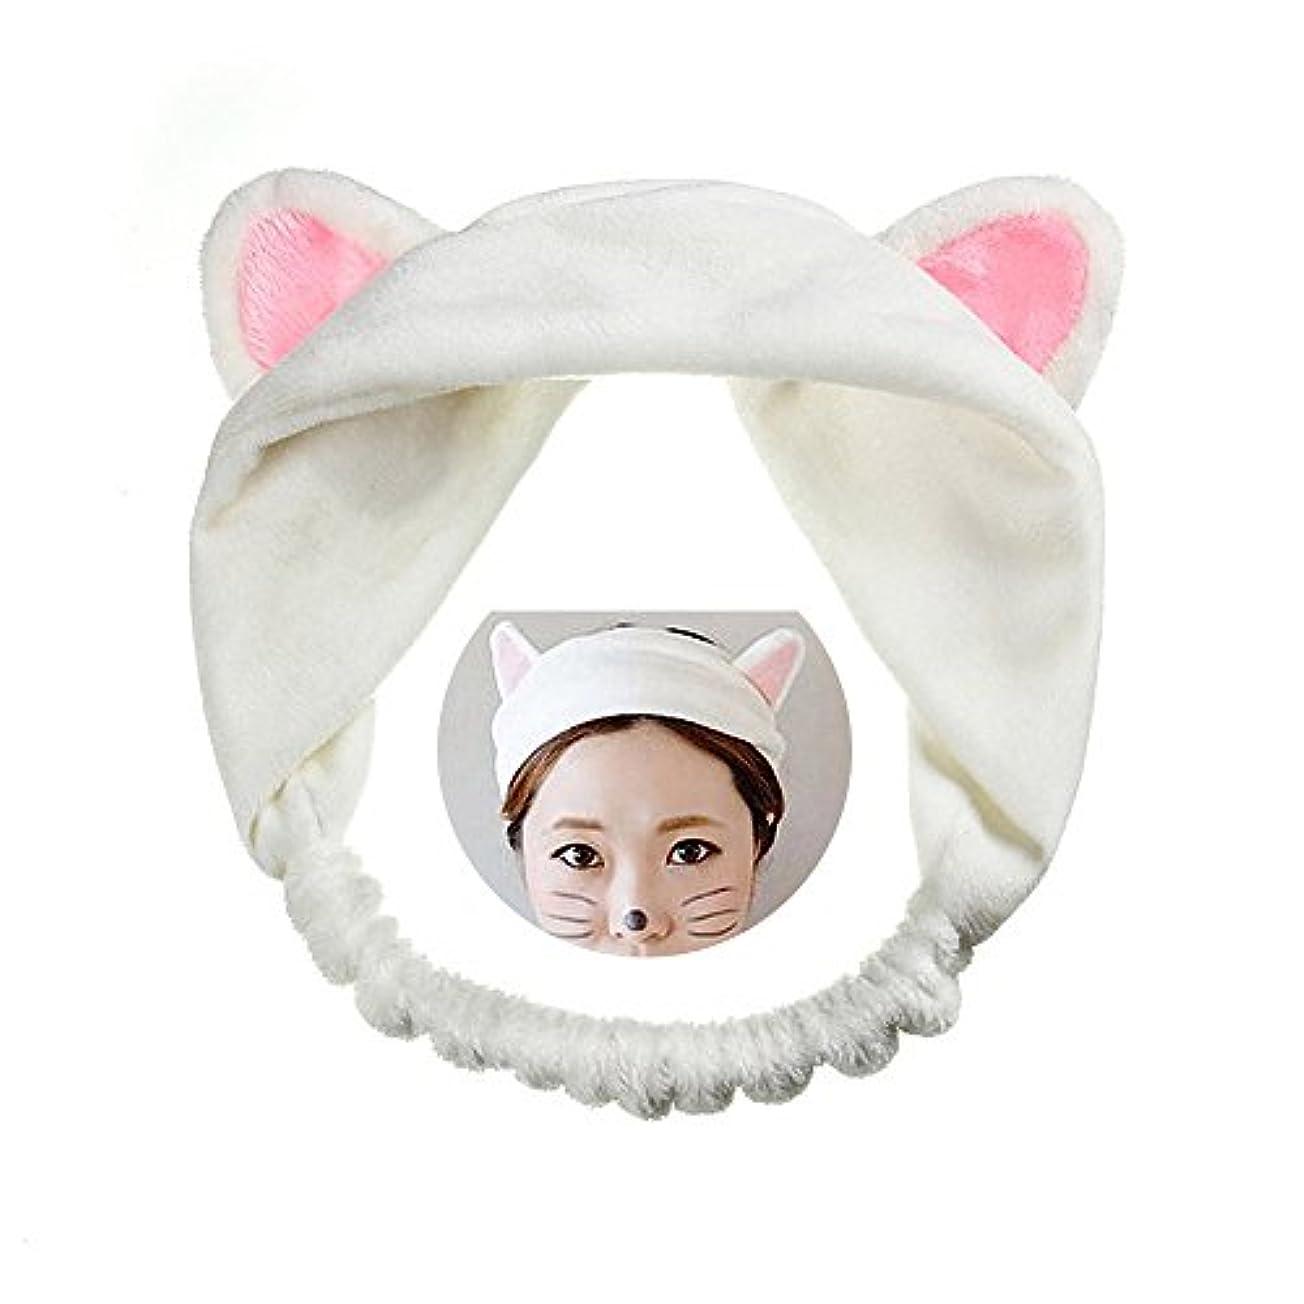 異形ミサイル耐えられない可愛い 猫 耳 ヘアバンド メイク アップ フェイス マスク スポーツ カチューシャ 髪型 ホワイト